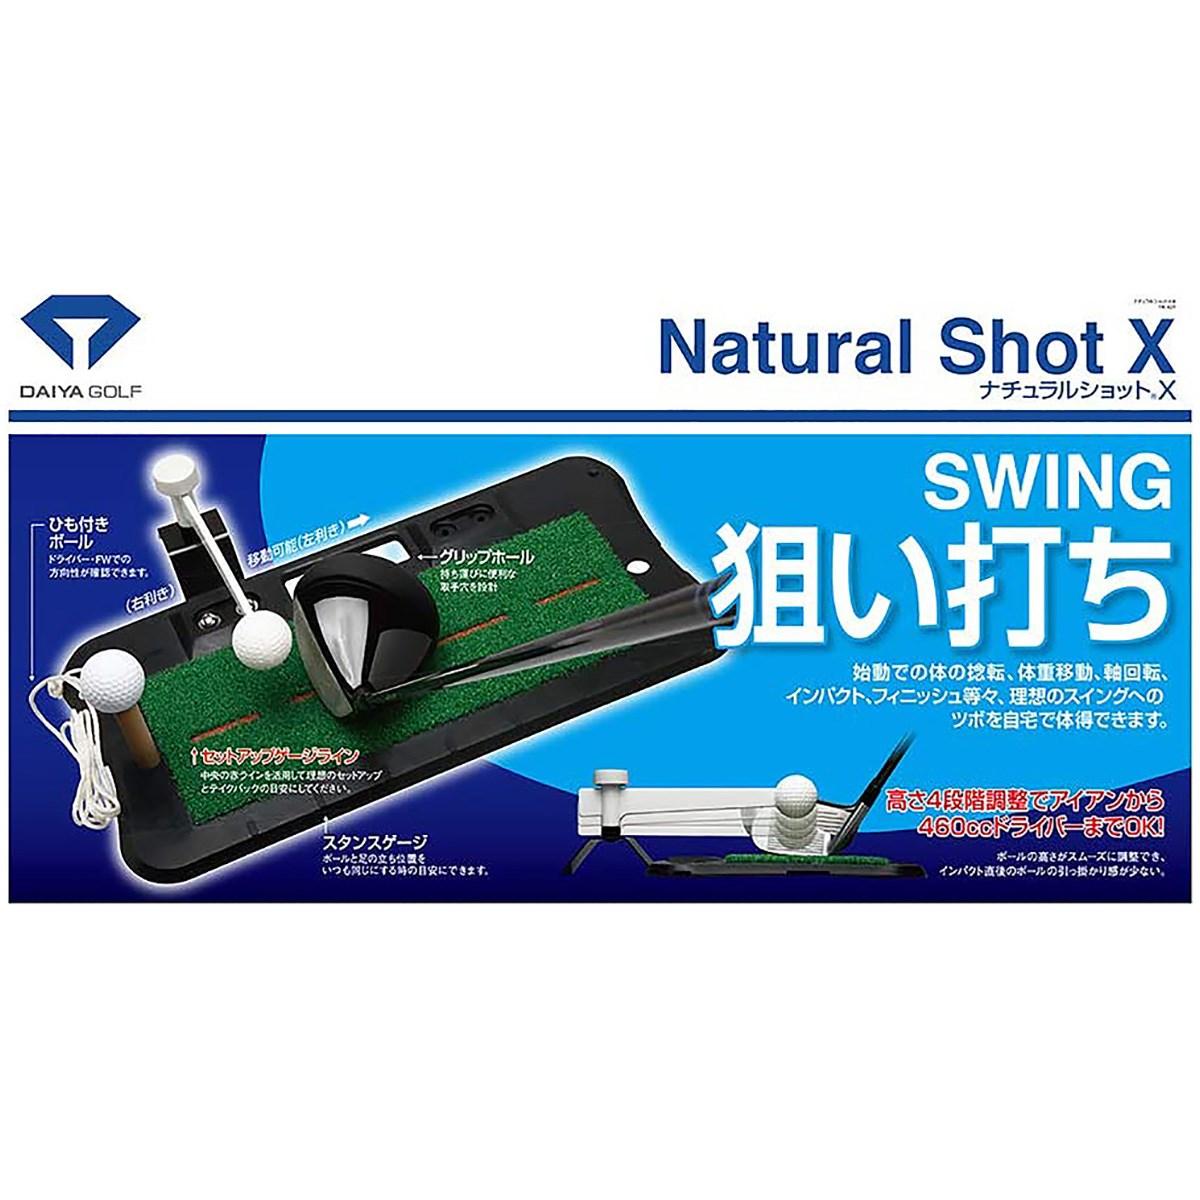 ダイヤゴルフ ナチュラルショットX TR-427